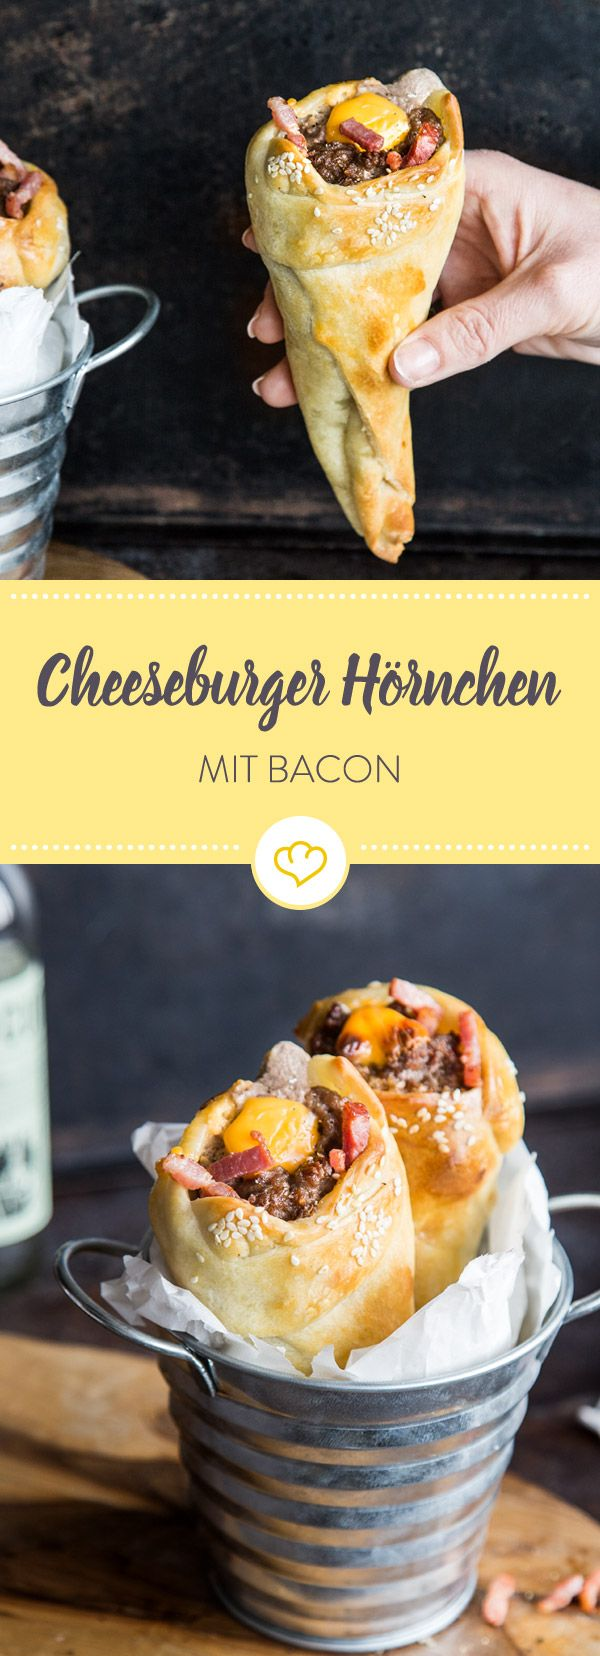 Hier gibt es den beliebten Cheeseburger-Geschmack in einem Hörnchen. Denn Hackfleisch, Käse und Bacon werden im Pizzateig aufgerollt und gebacken.